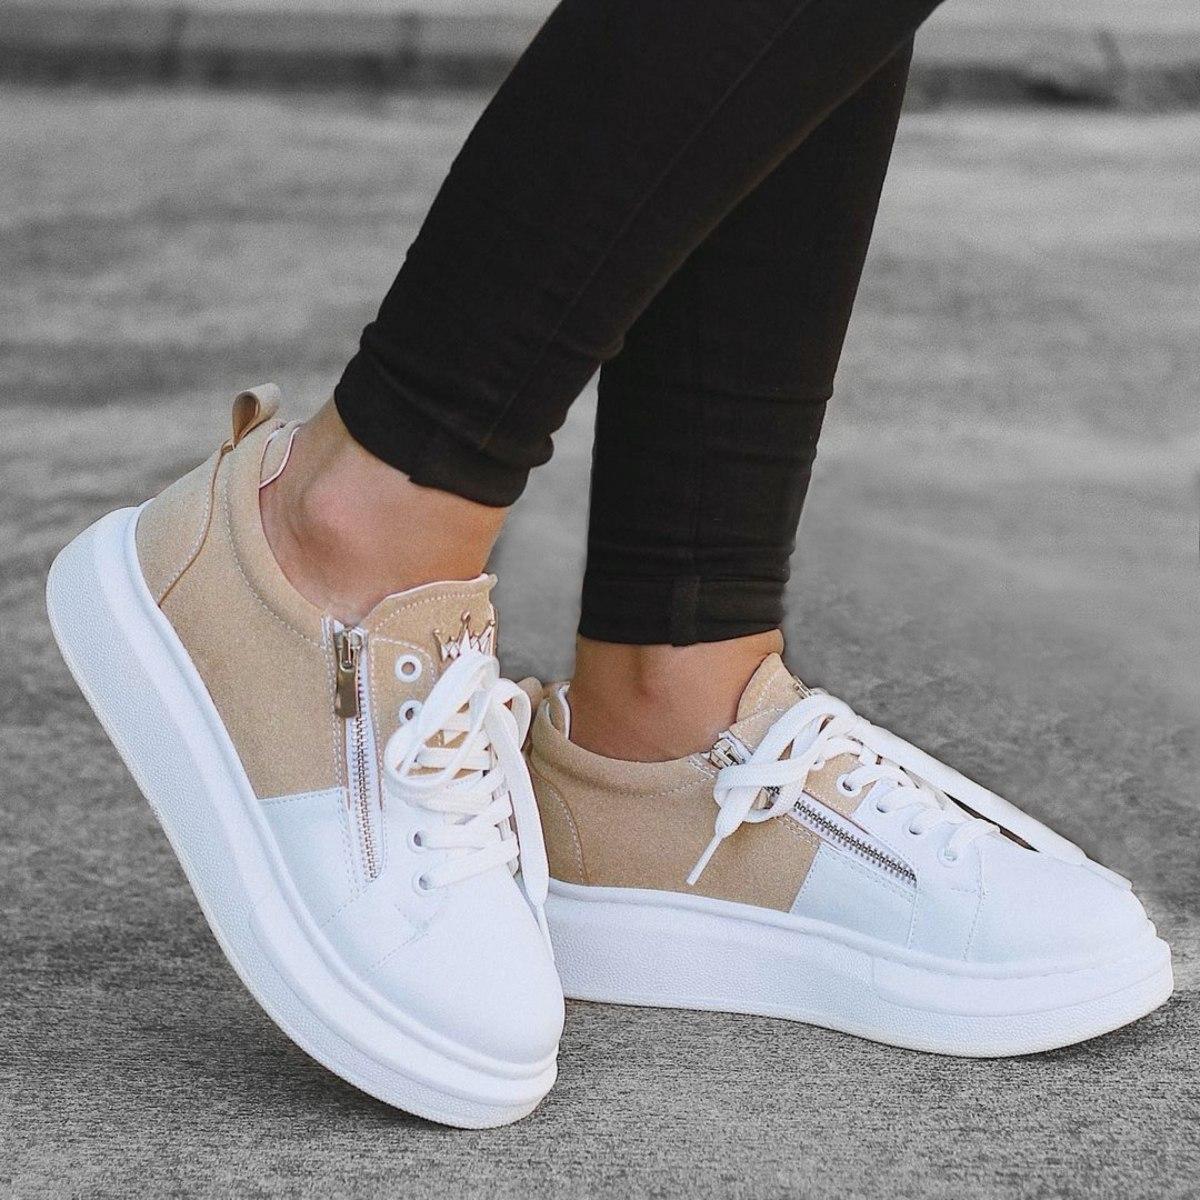 Women's Hype Sole Zipped Style Sneakers In Latte-White